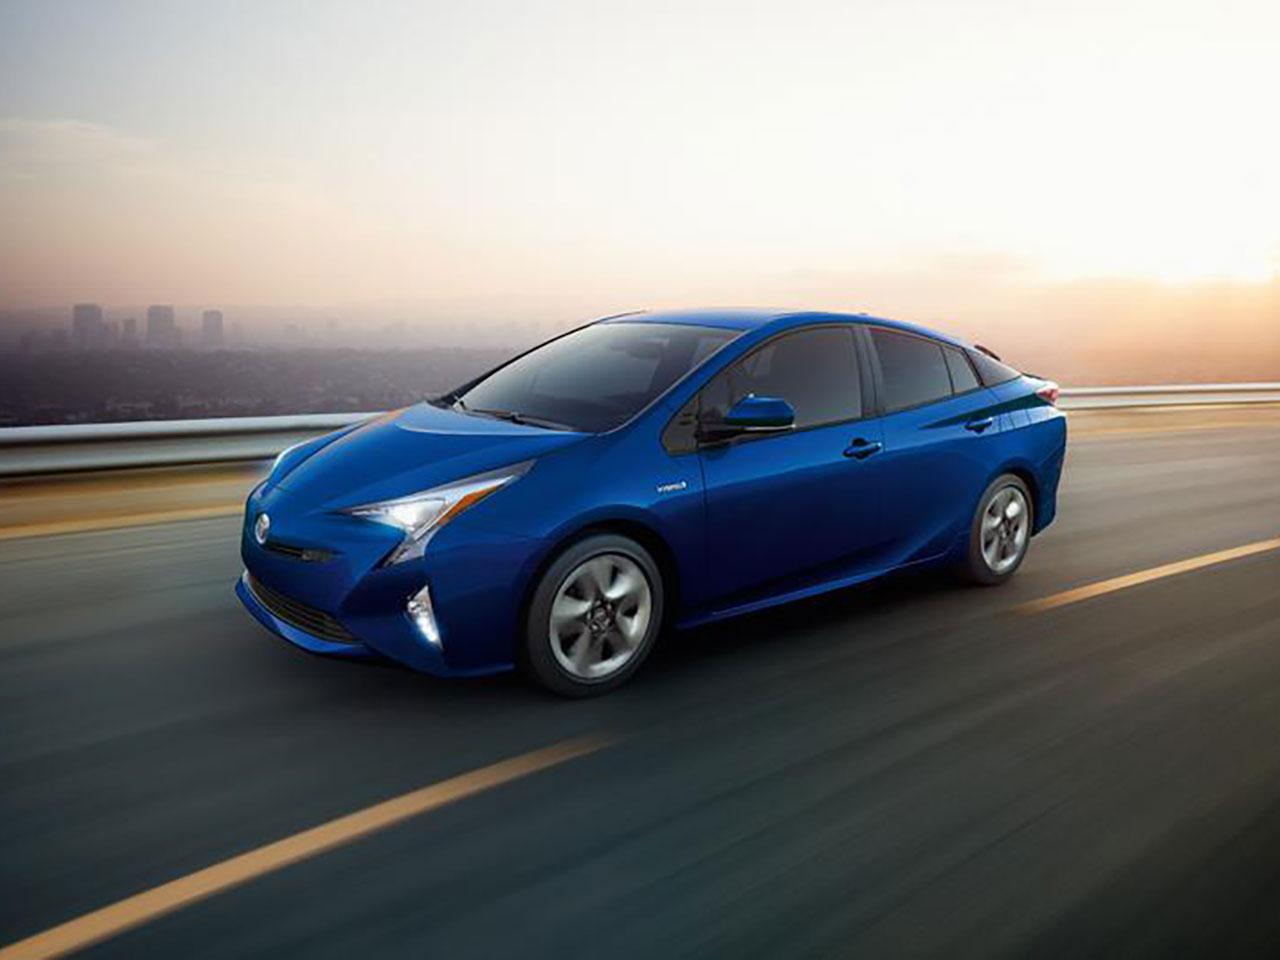 Exterior View Of 2016 Toyota Prius in Sacramento